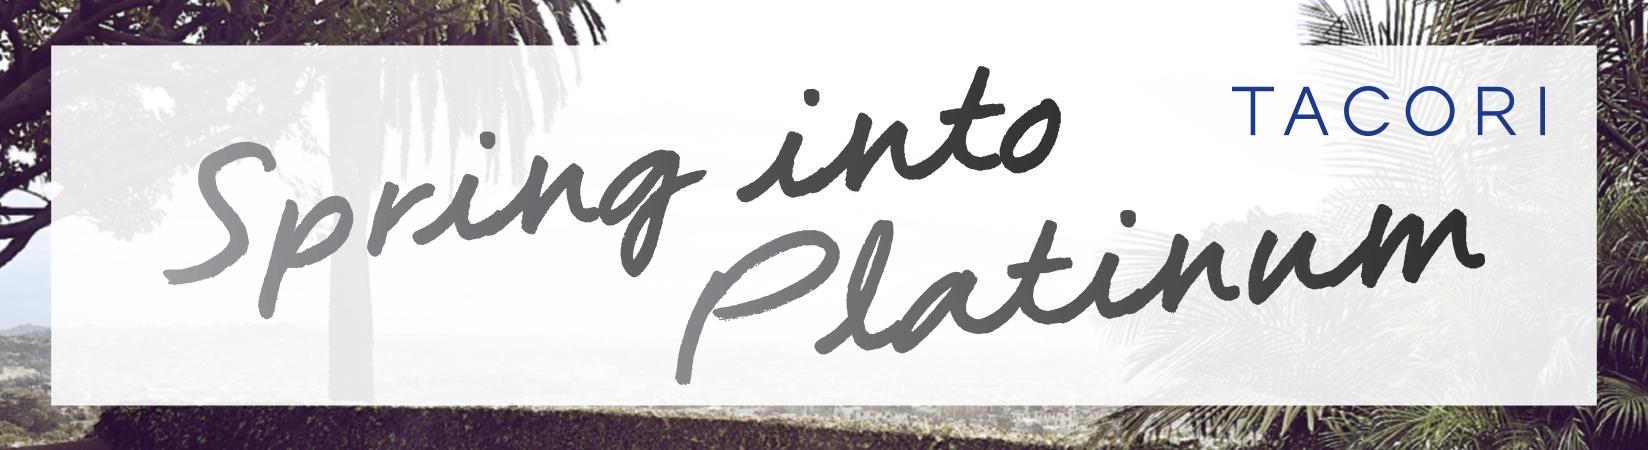 Tacori Spring Platinum Sale